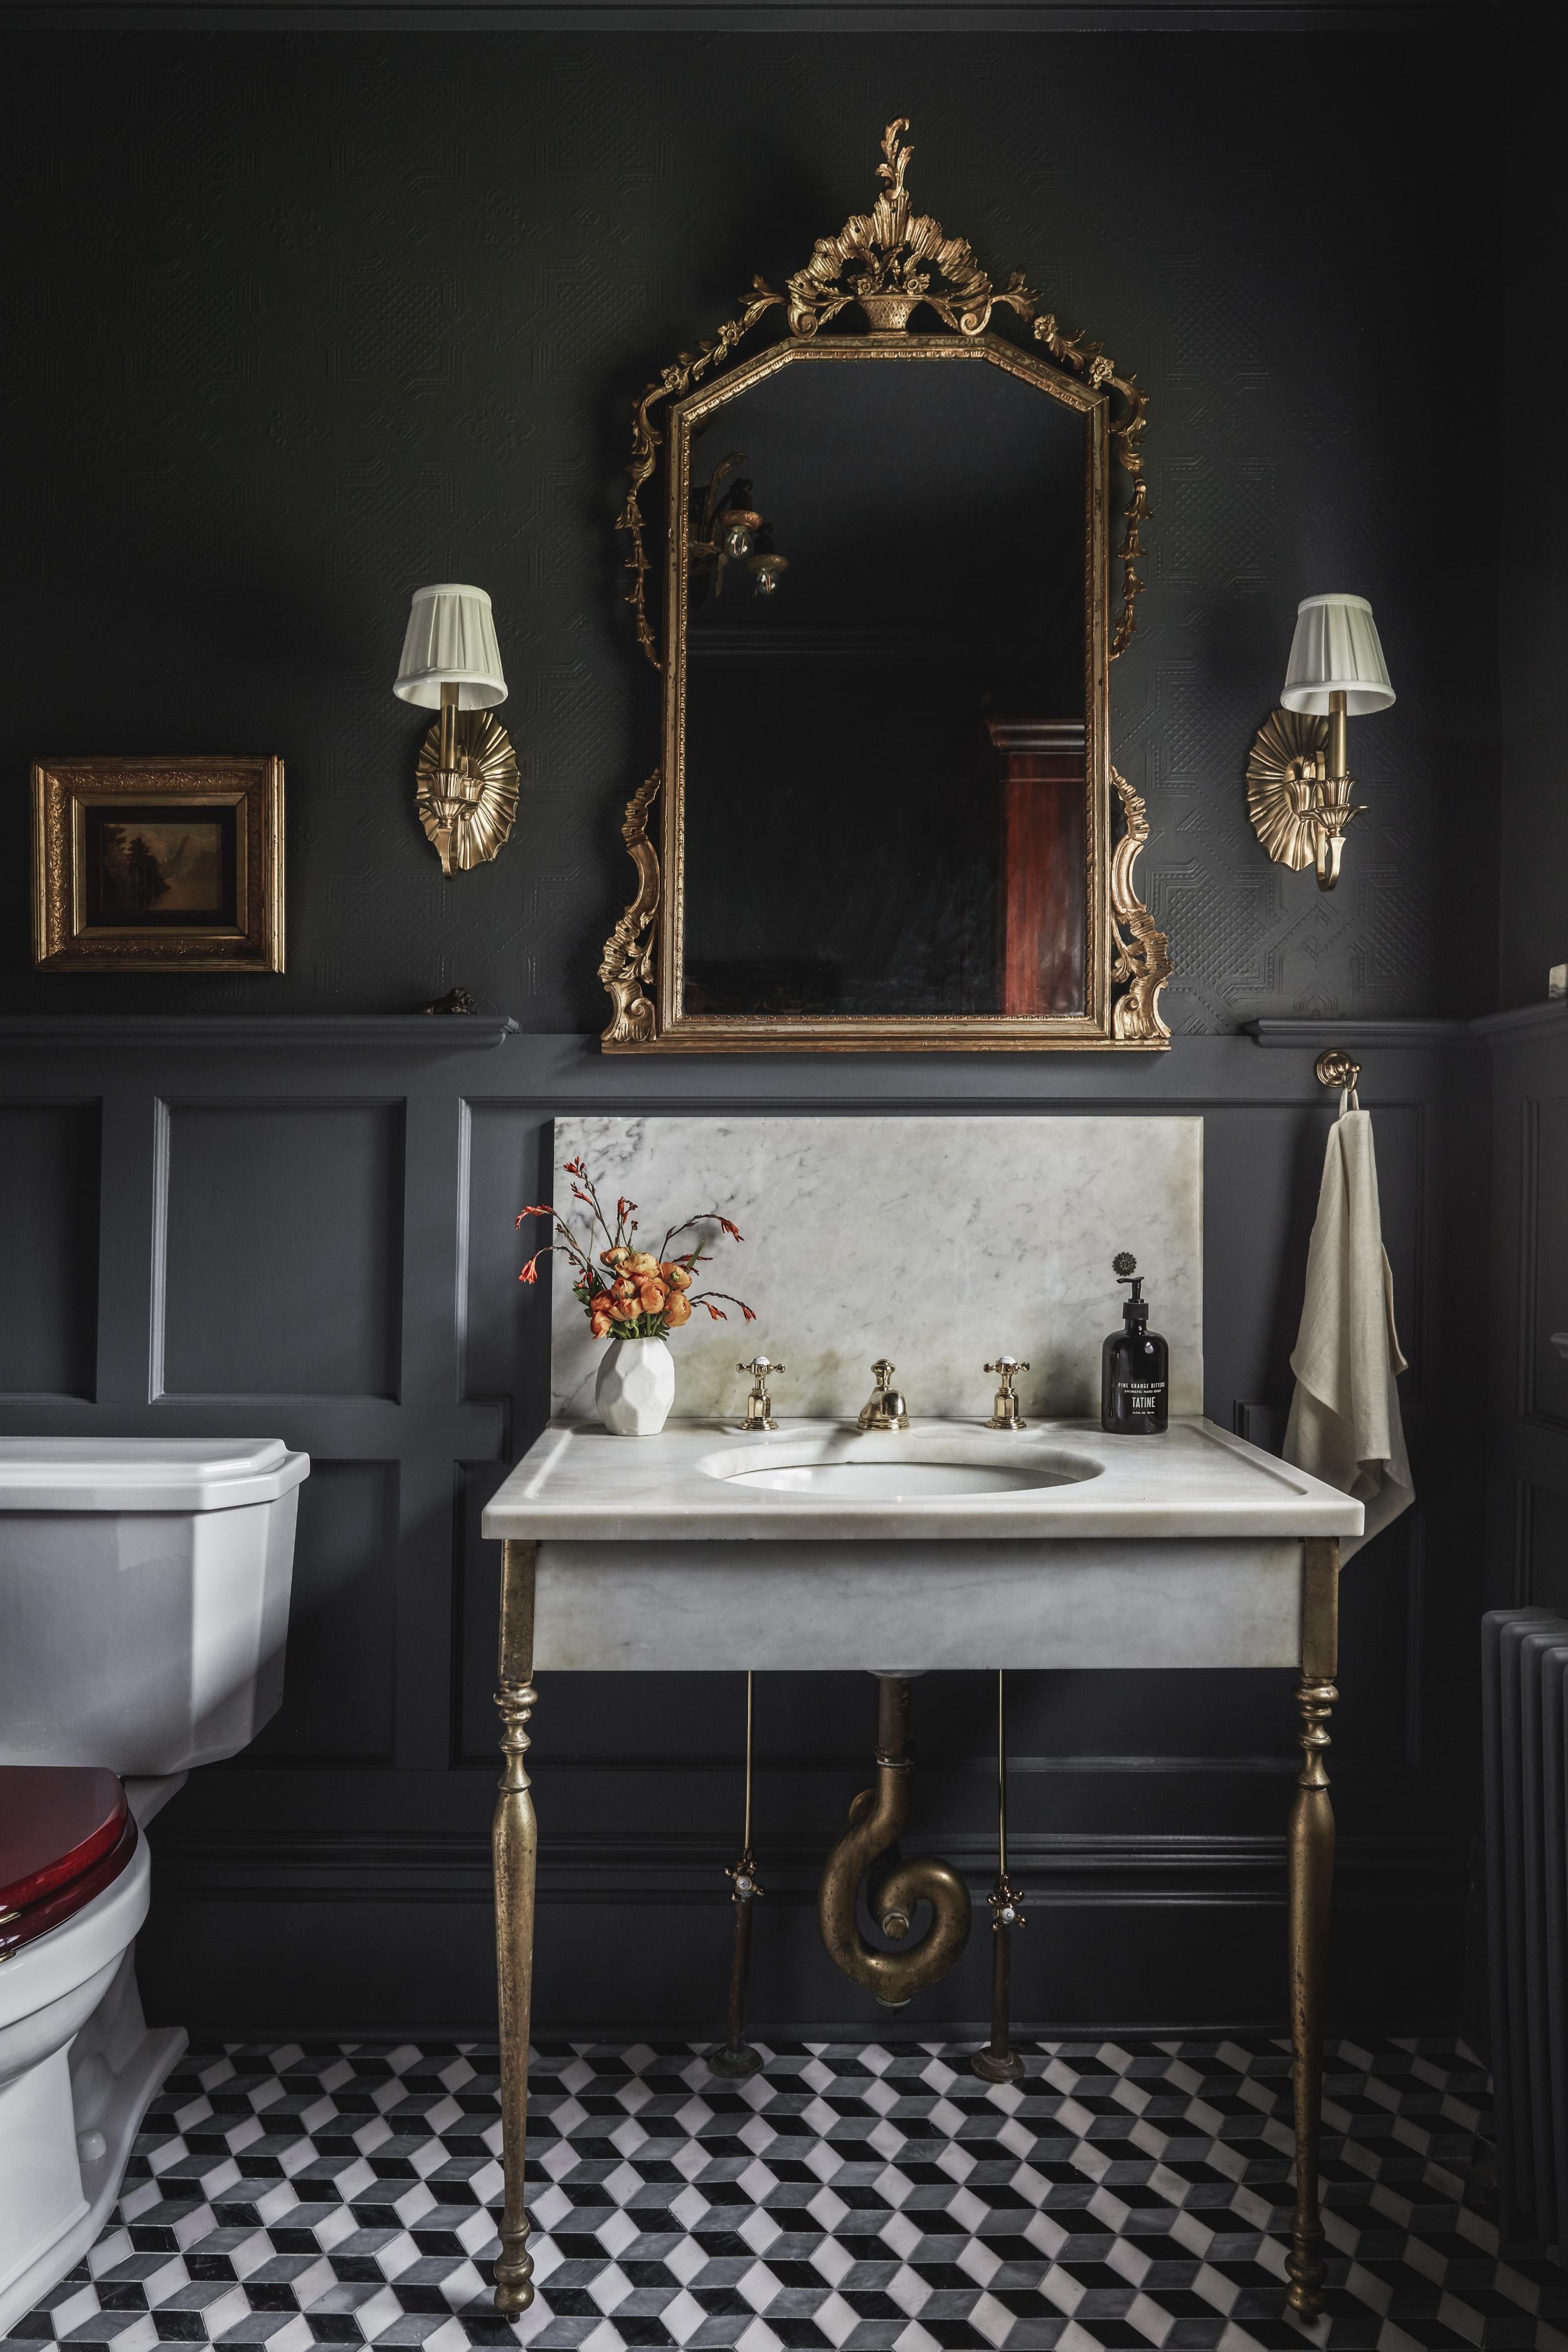 ONE ROOM CHALLENGE - First Floor Bathroom